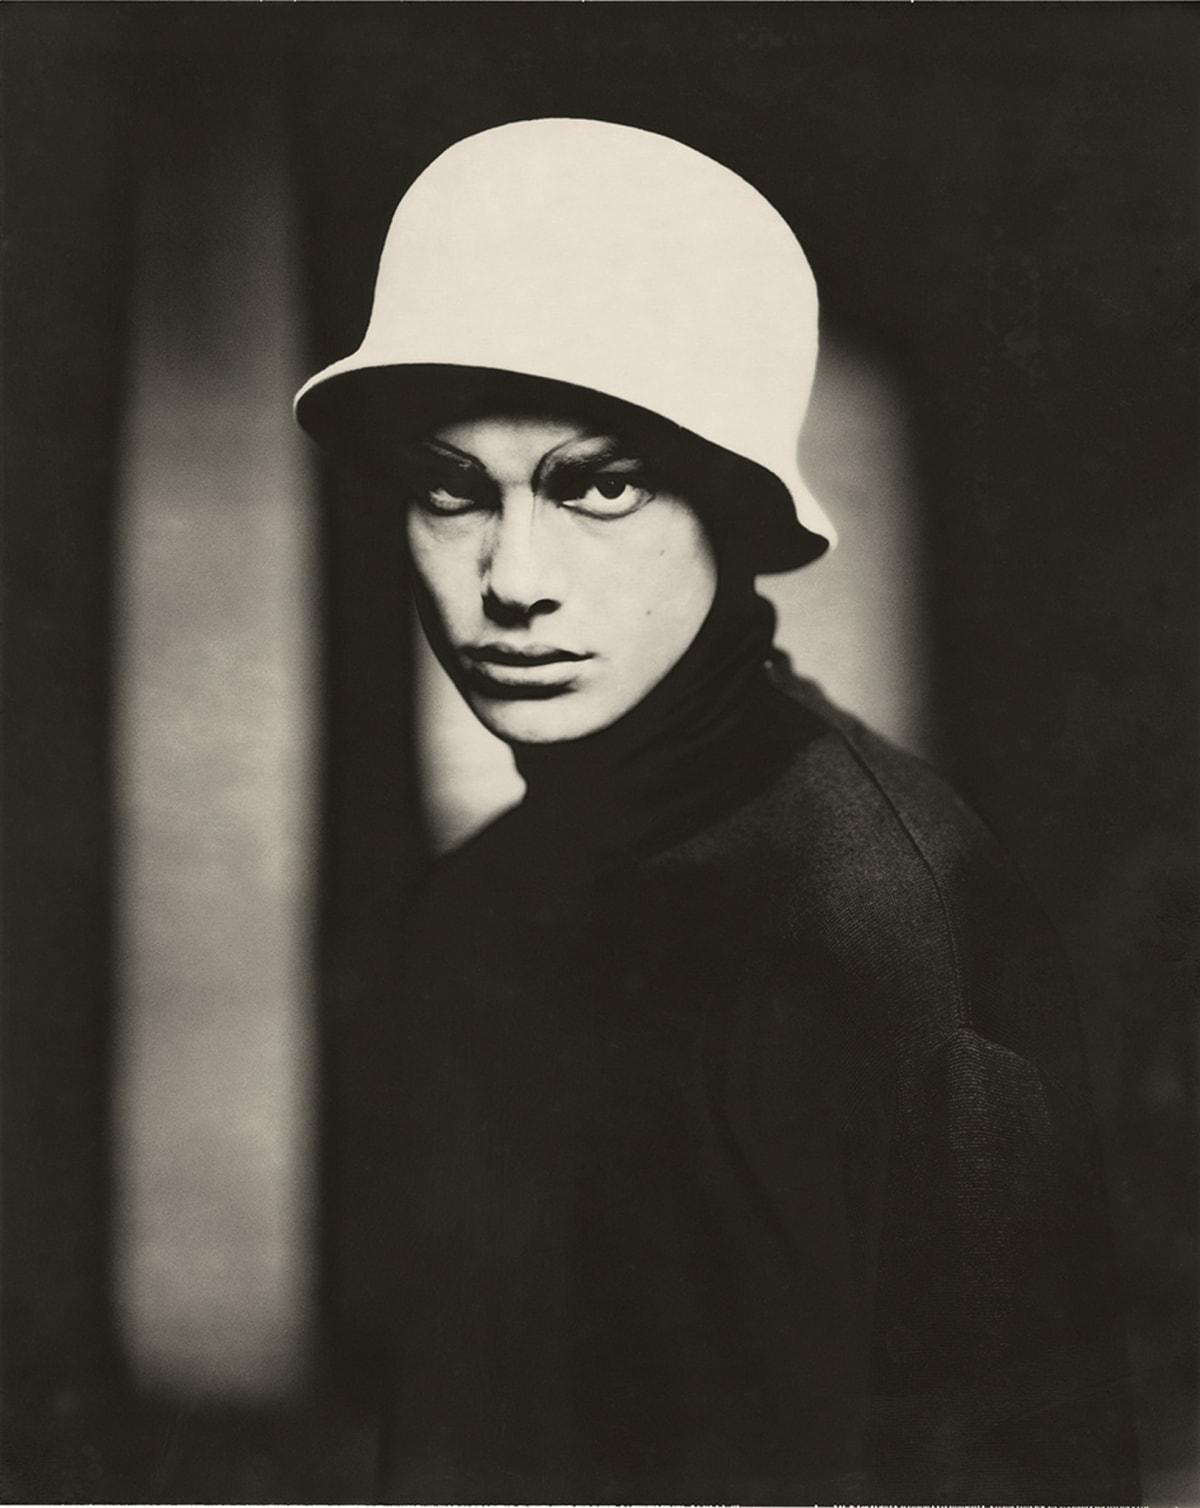 Paolo Roversi, Antony, Paris, 1998